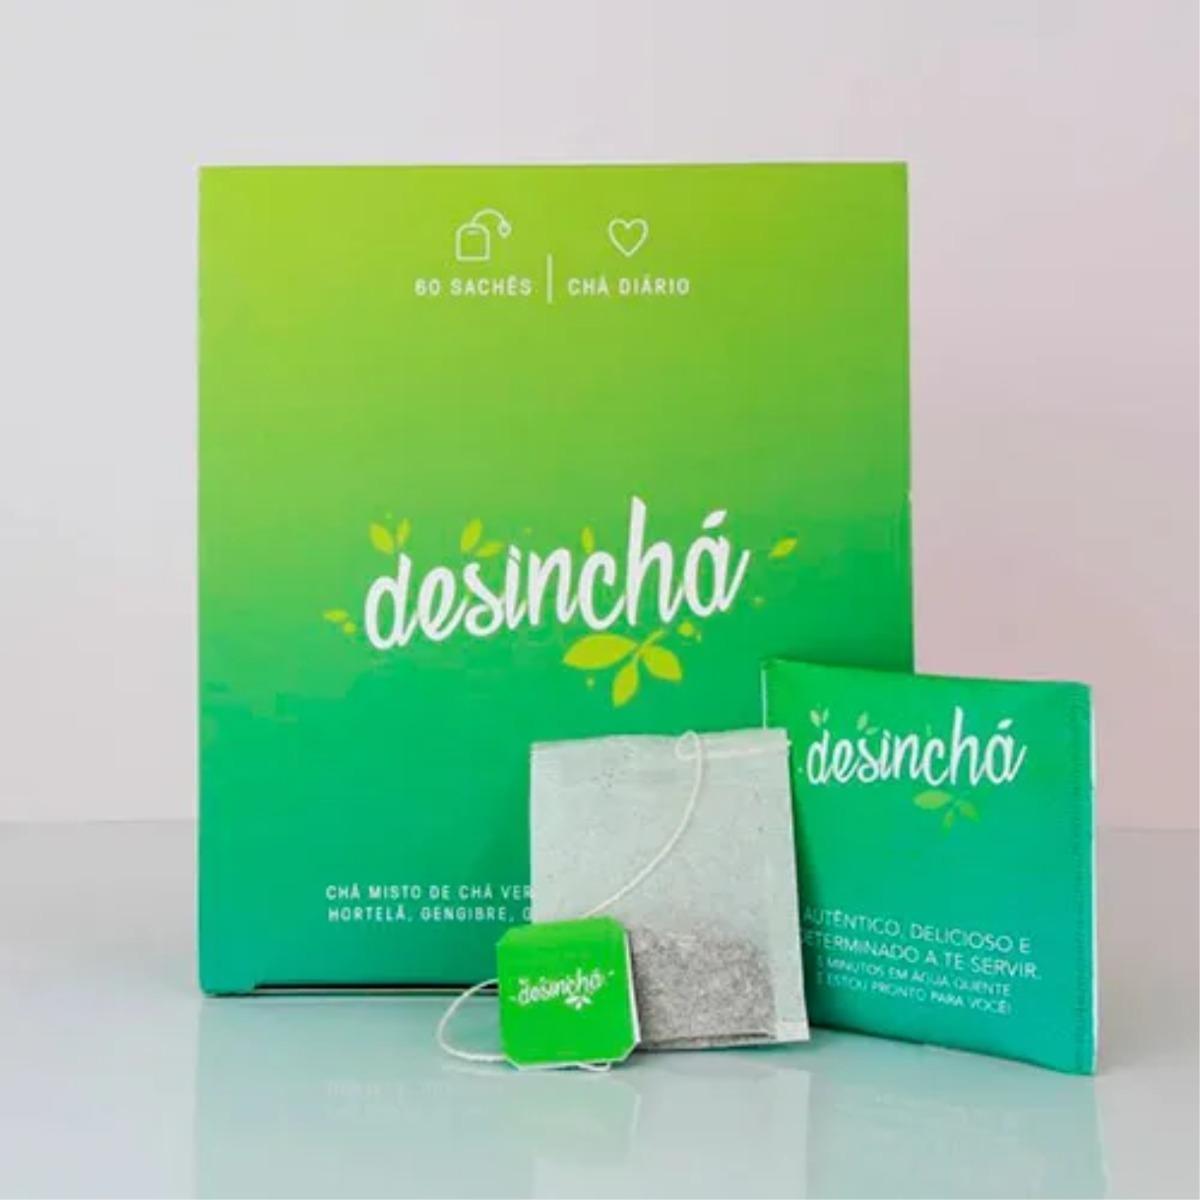 Desincha Cha Original 60 Saches Pronta Entrega R 65 99 Em Mercado Livre